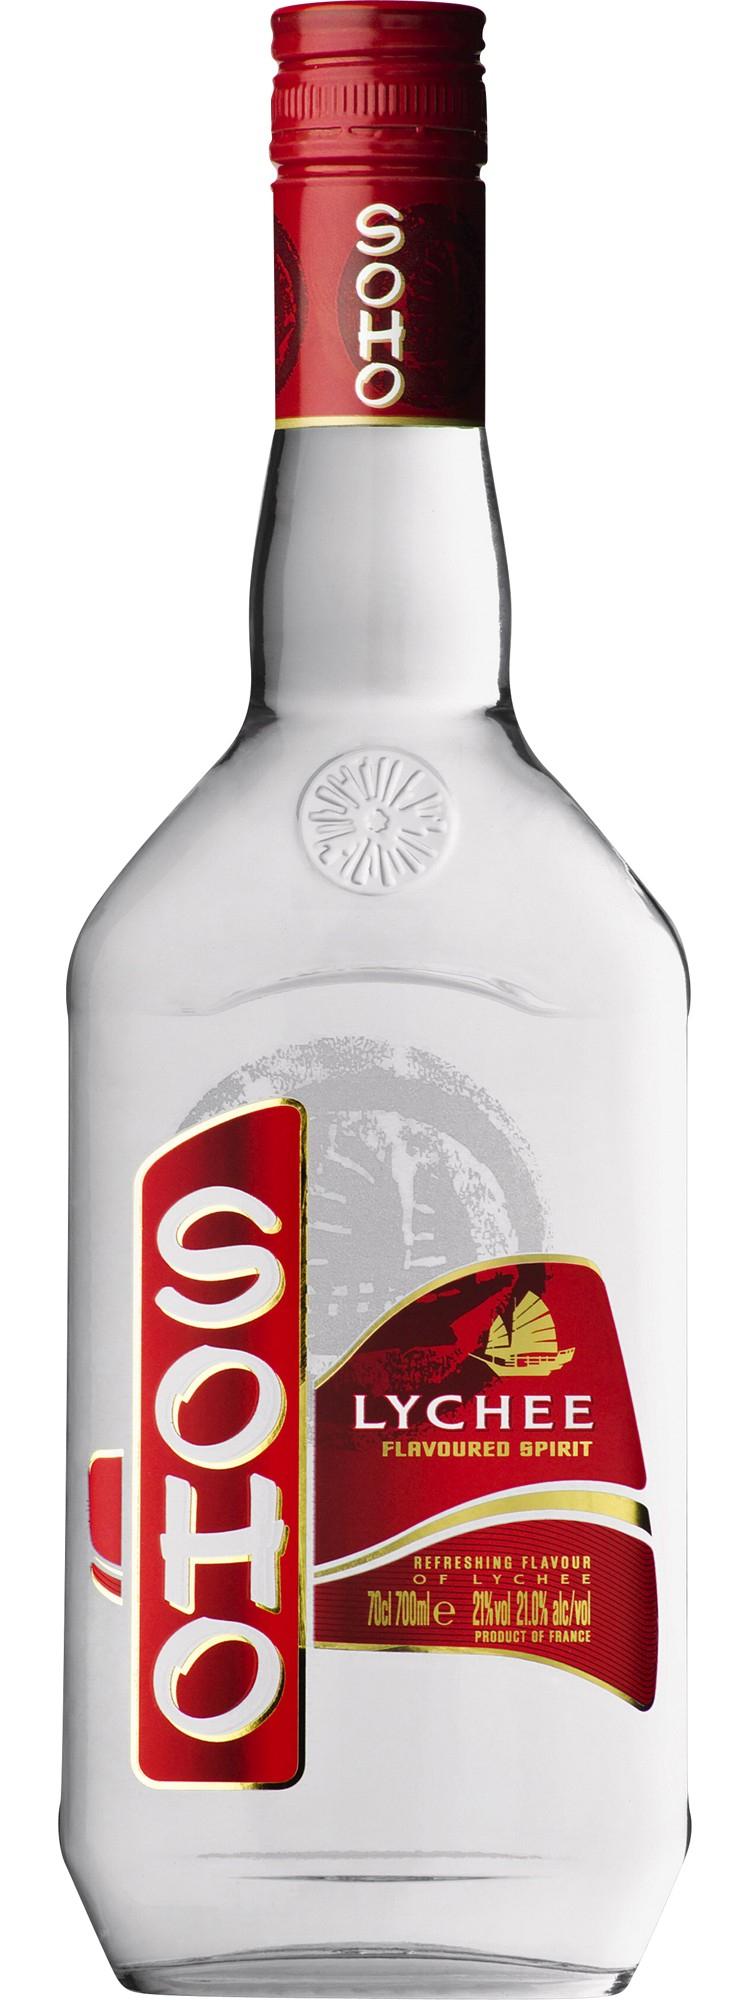 Liqueur Soho (Parfums au choix) - 70cl